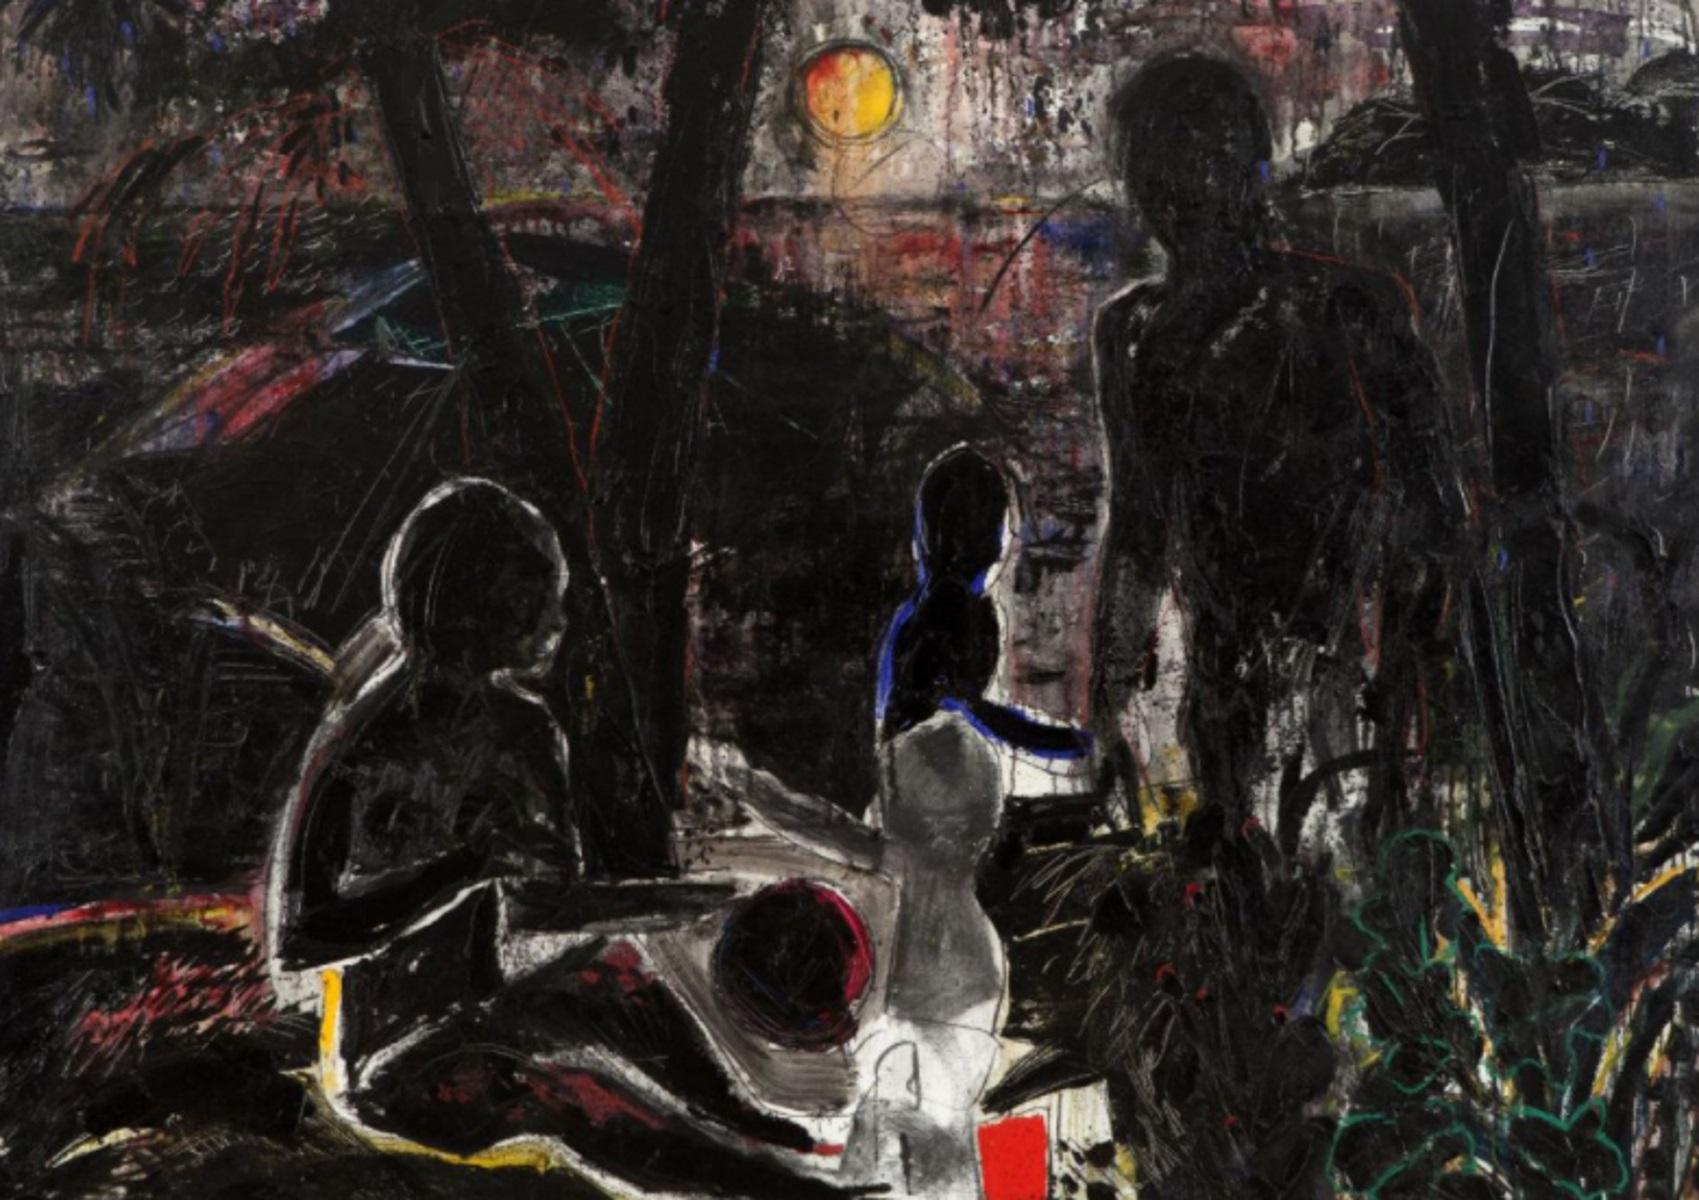 Λιβανέζος καλλιτέχνης ζωγραφίζει δέντρα για να βοηθήσει στην ανοικοδόμηση κατοικιών στη Βηρυτό